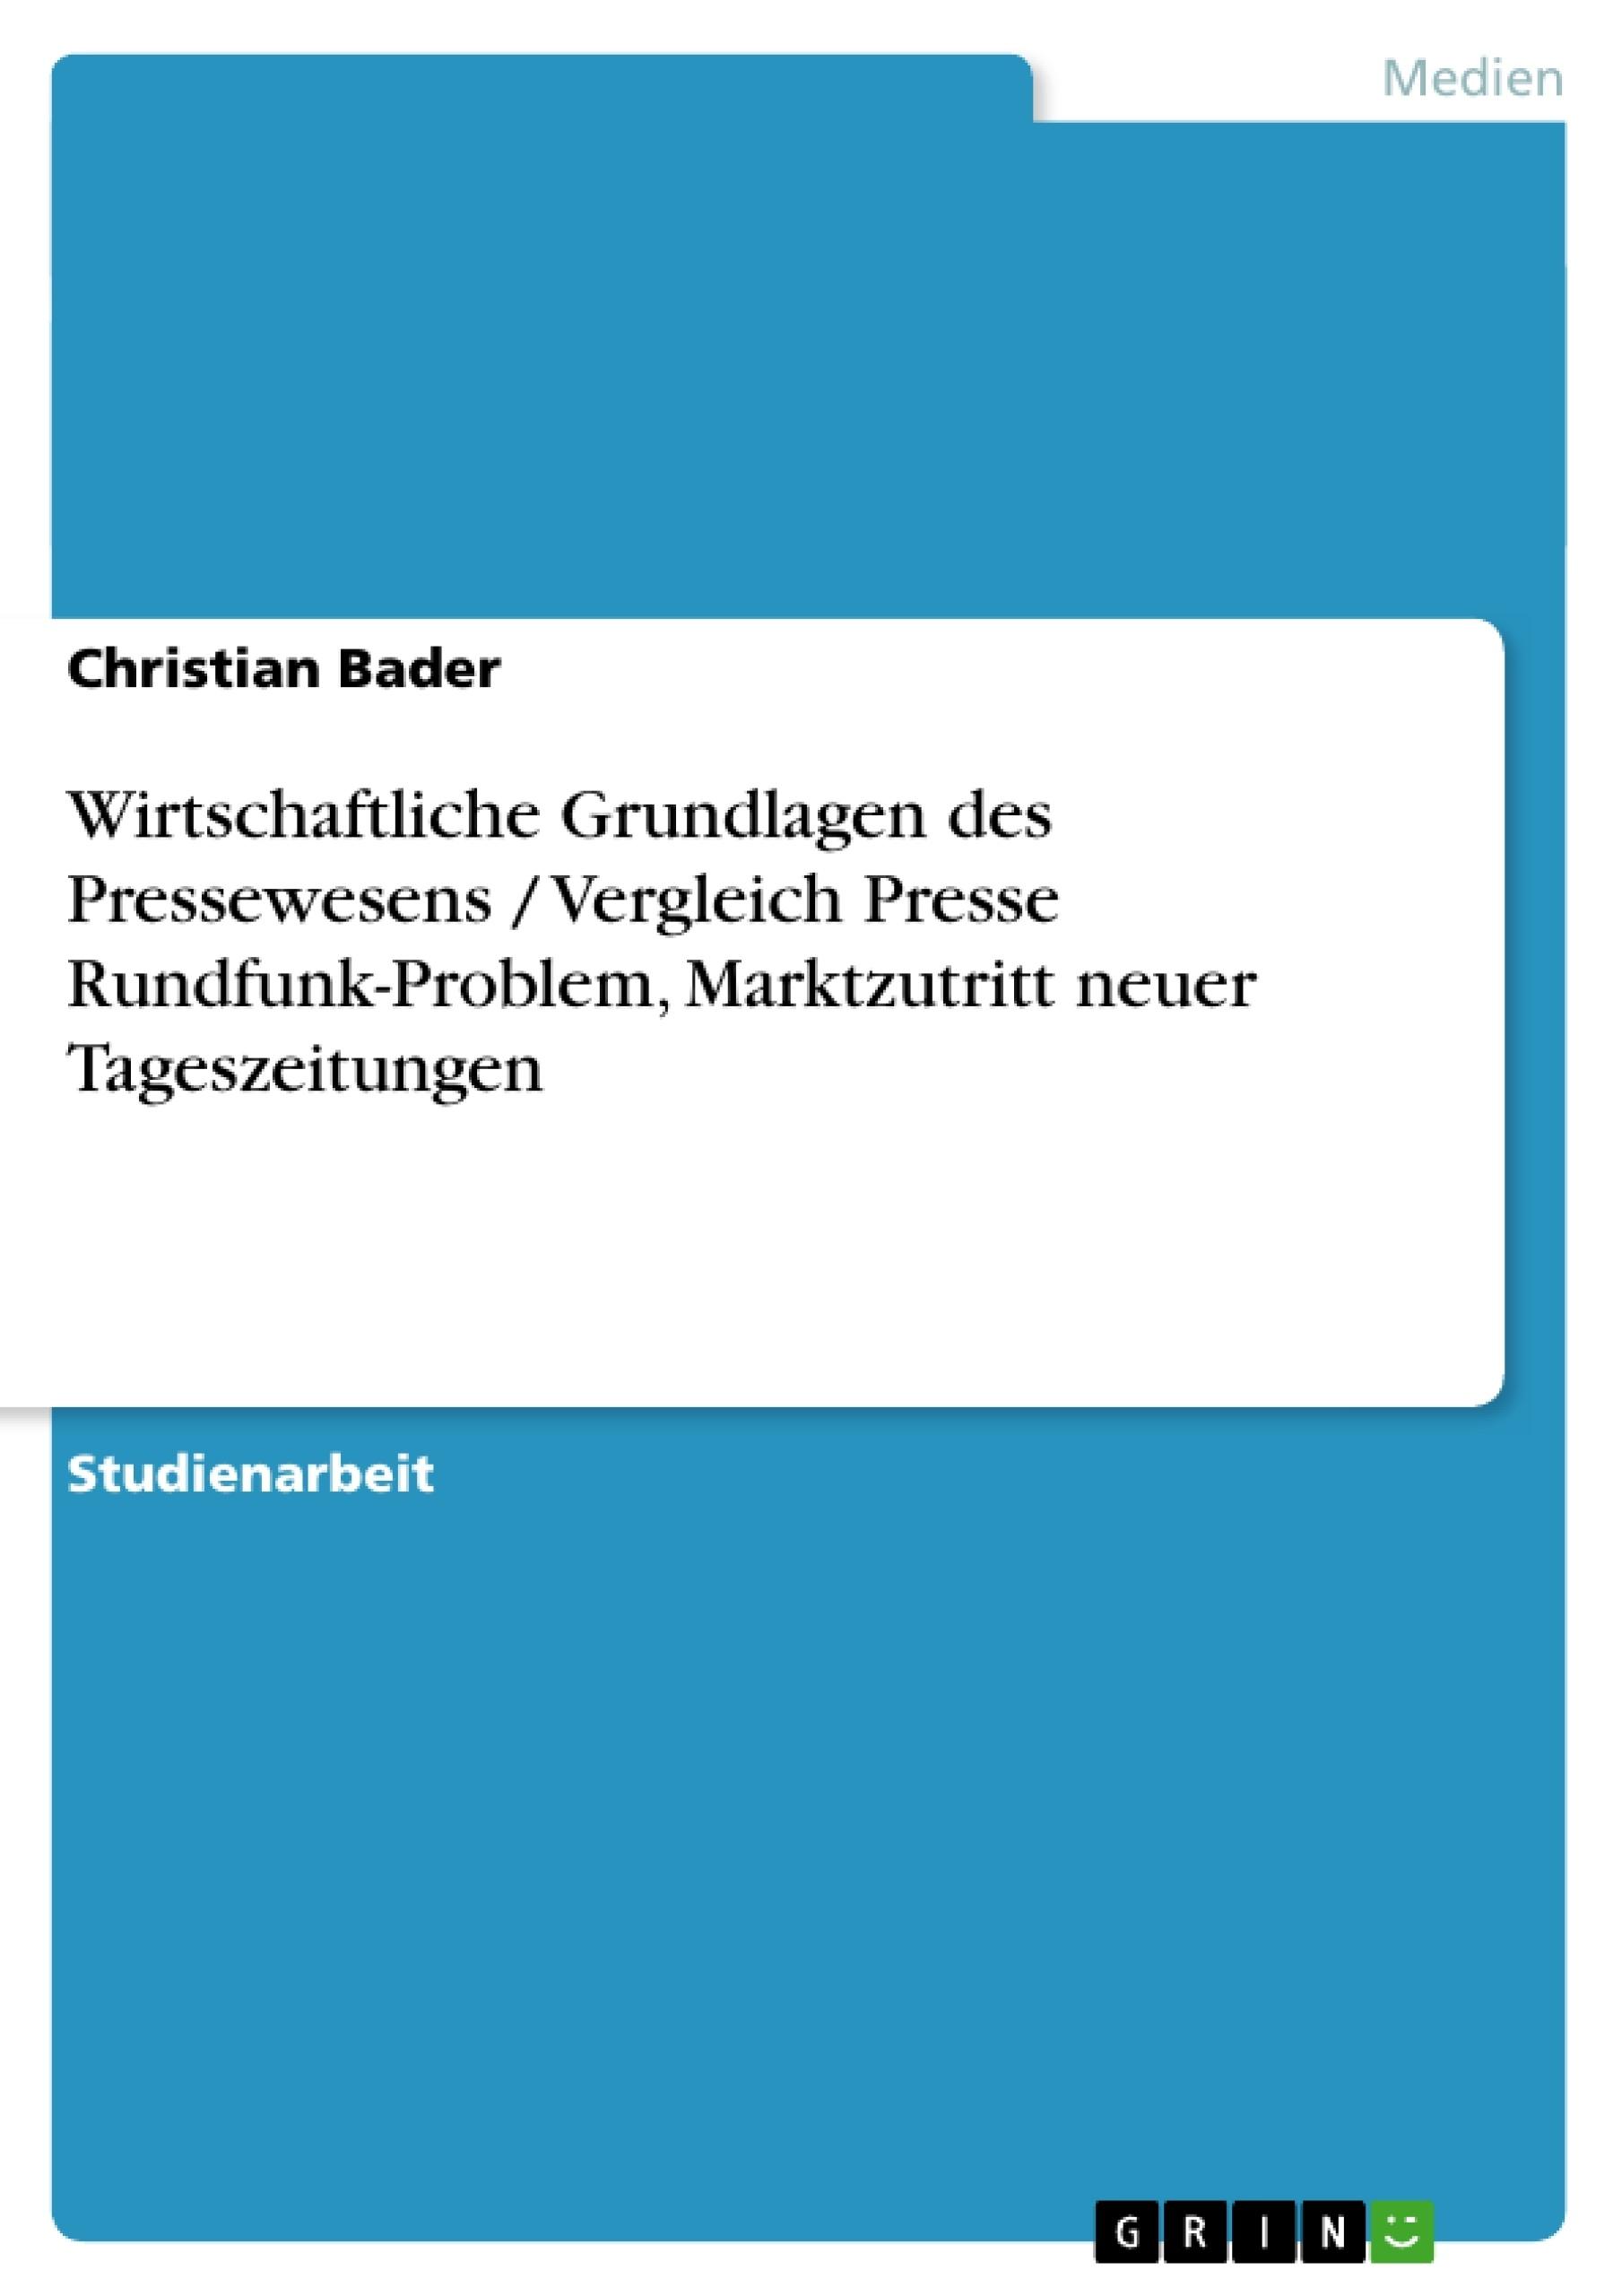 Titel: Wirtschaftliche Grundlagen des Pressewesens / Vergleich Presse Rundfunk-Problem, Marktzutritt neuer Tageszeitungen